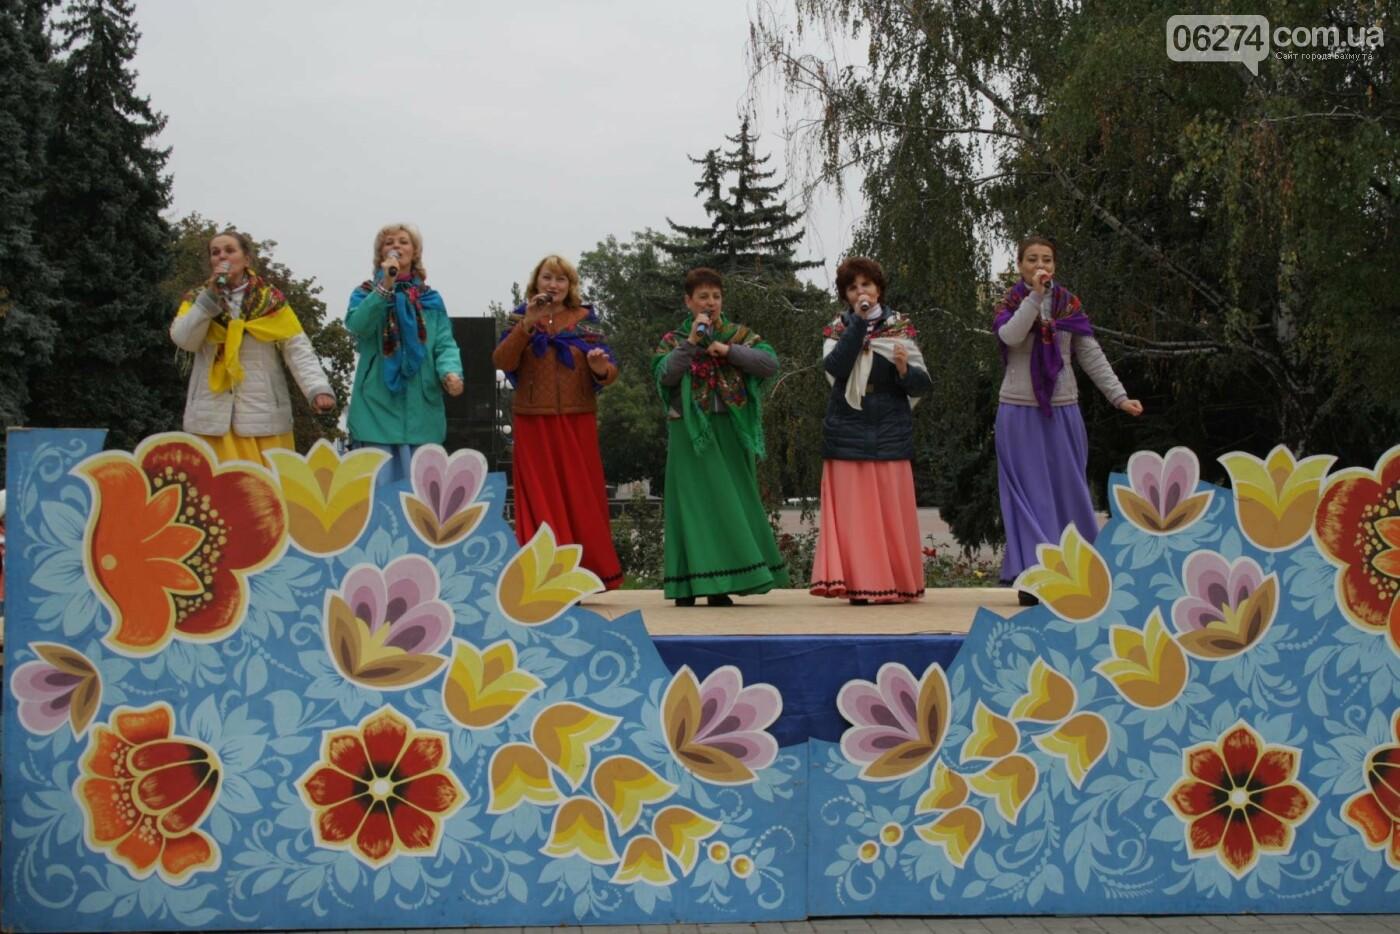 В Бахмуте открылась ярмарка «День садовода», фото-12